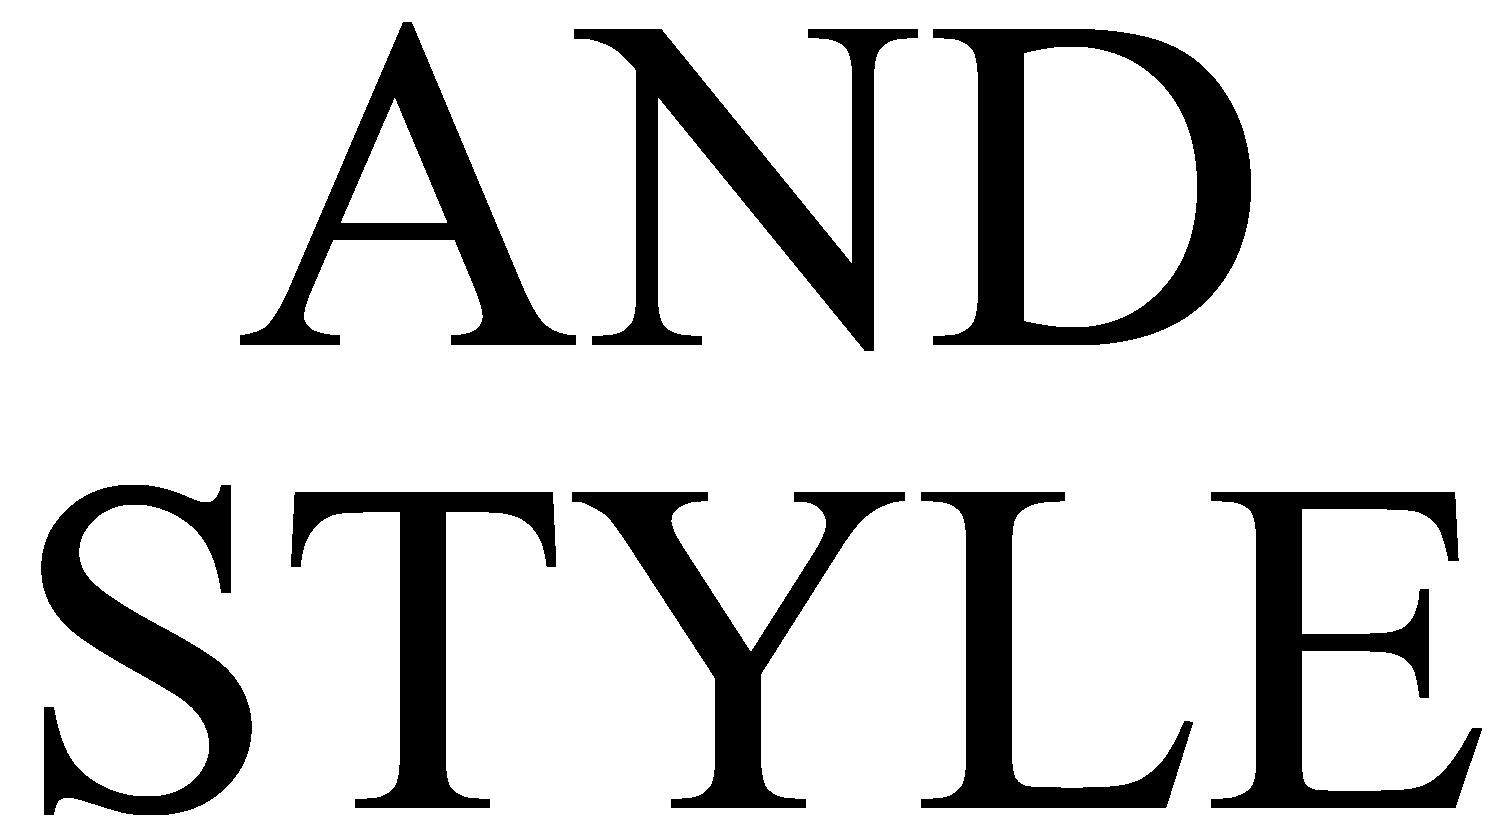 浜松の写真館 スタイルアンドスタイリスト半田山スタジオ 成人式前撮・ブライダル前撮り・753・家族写真・遺影写真・ヘアメイク